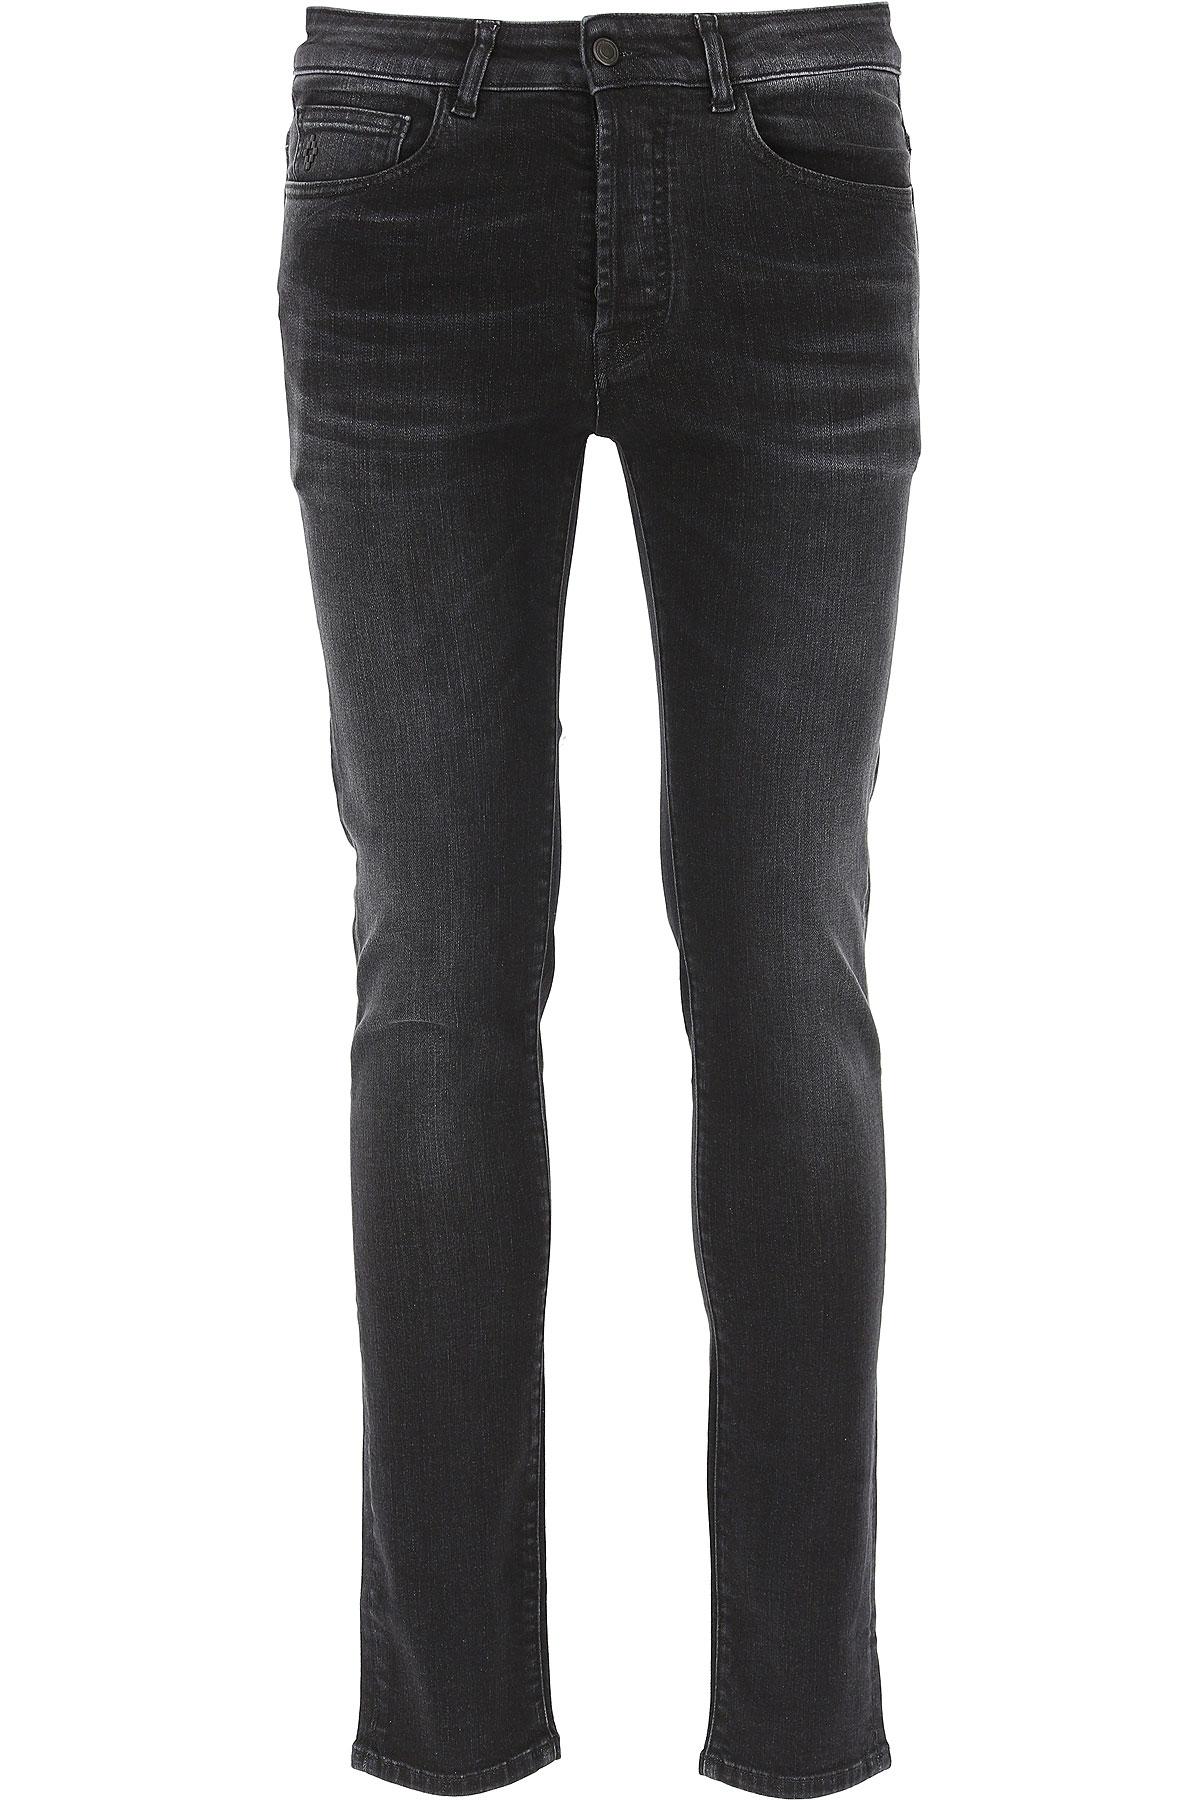 Marcelo Burlon Jeans On Sale, Black, Cotton, 2019, 29 32